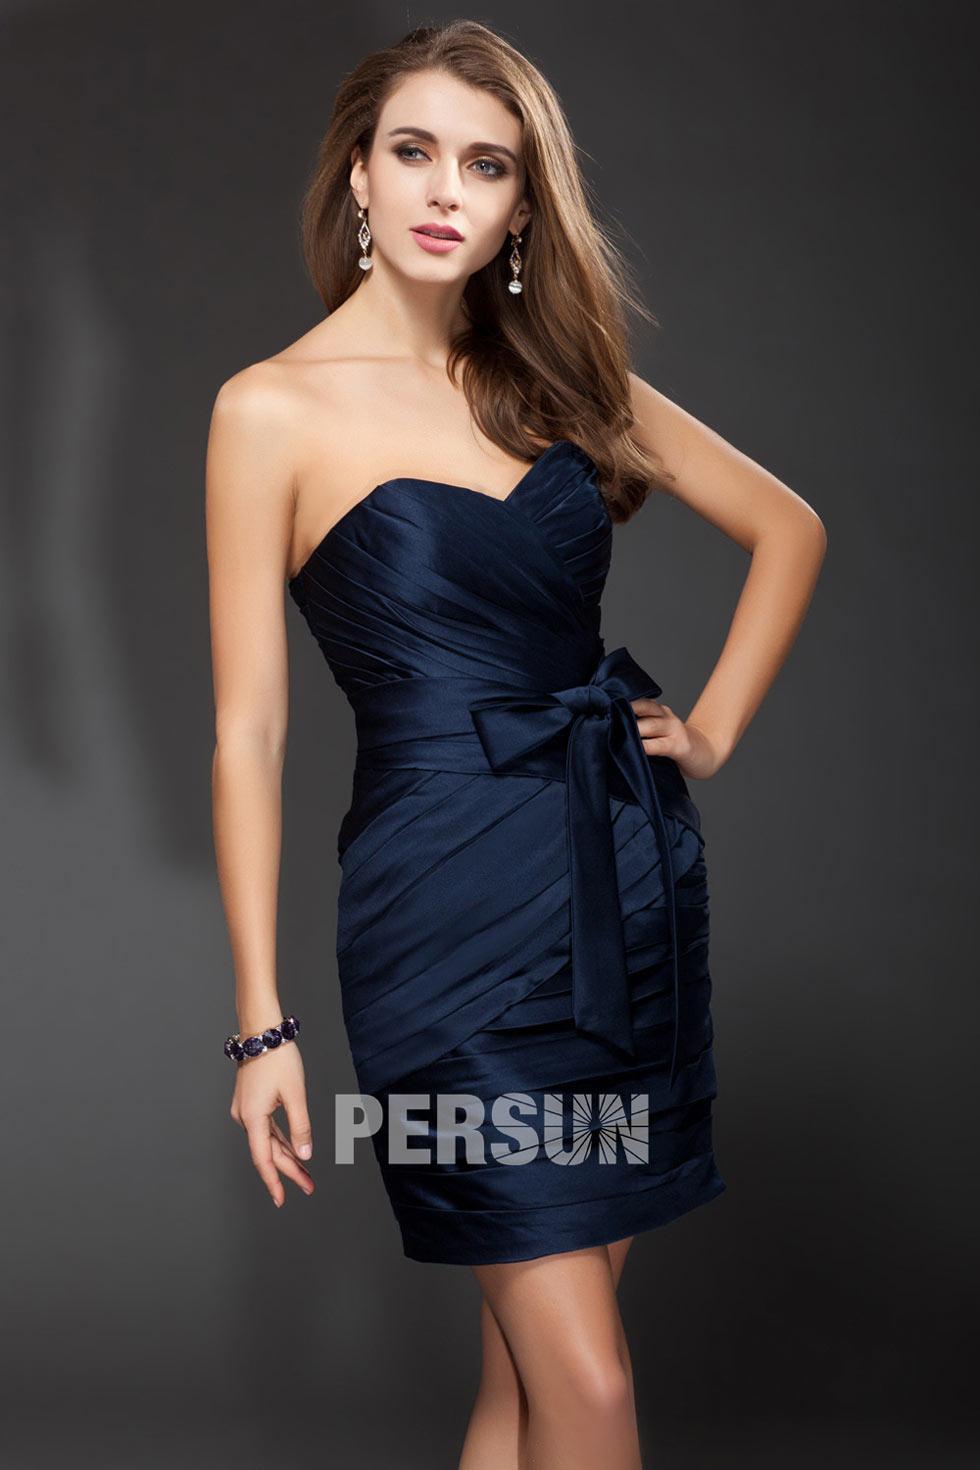 petite-robe-bleu-courte-pour-cocktail-decollete-en-coeur-ornee-de-noeud-papillon